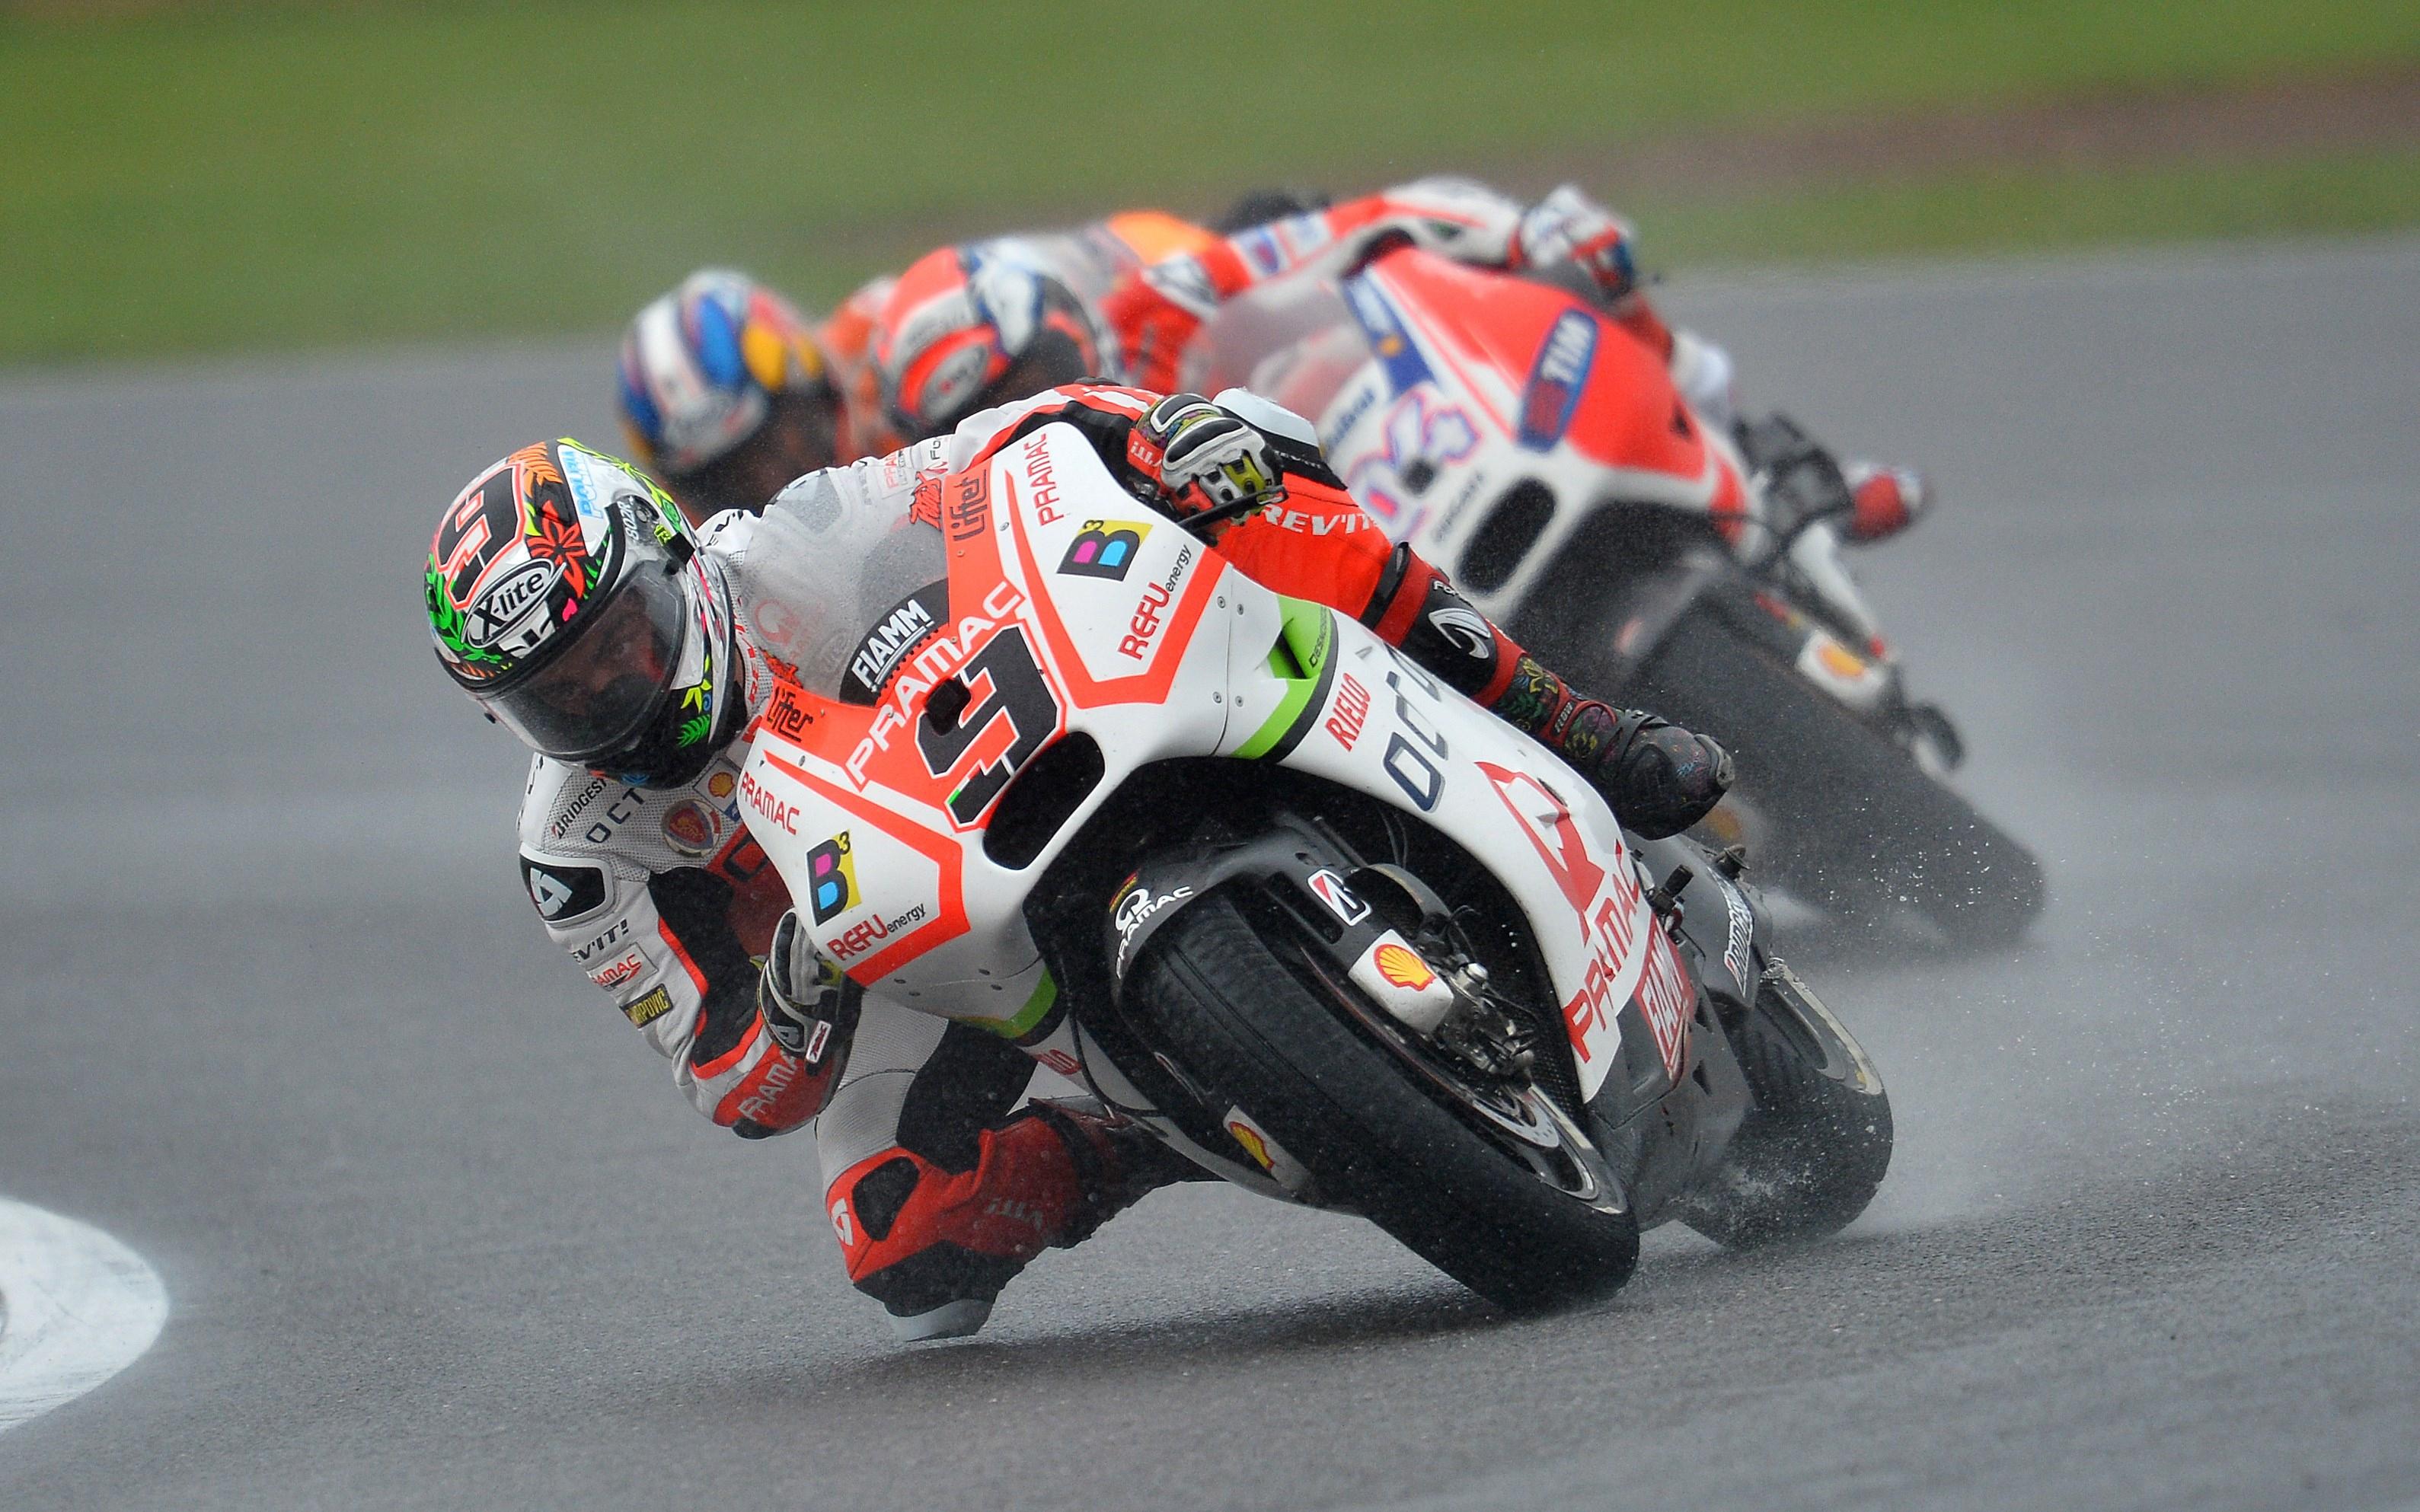 Petrucci scores first MotoGP podium